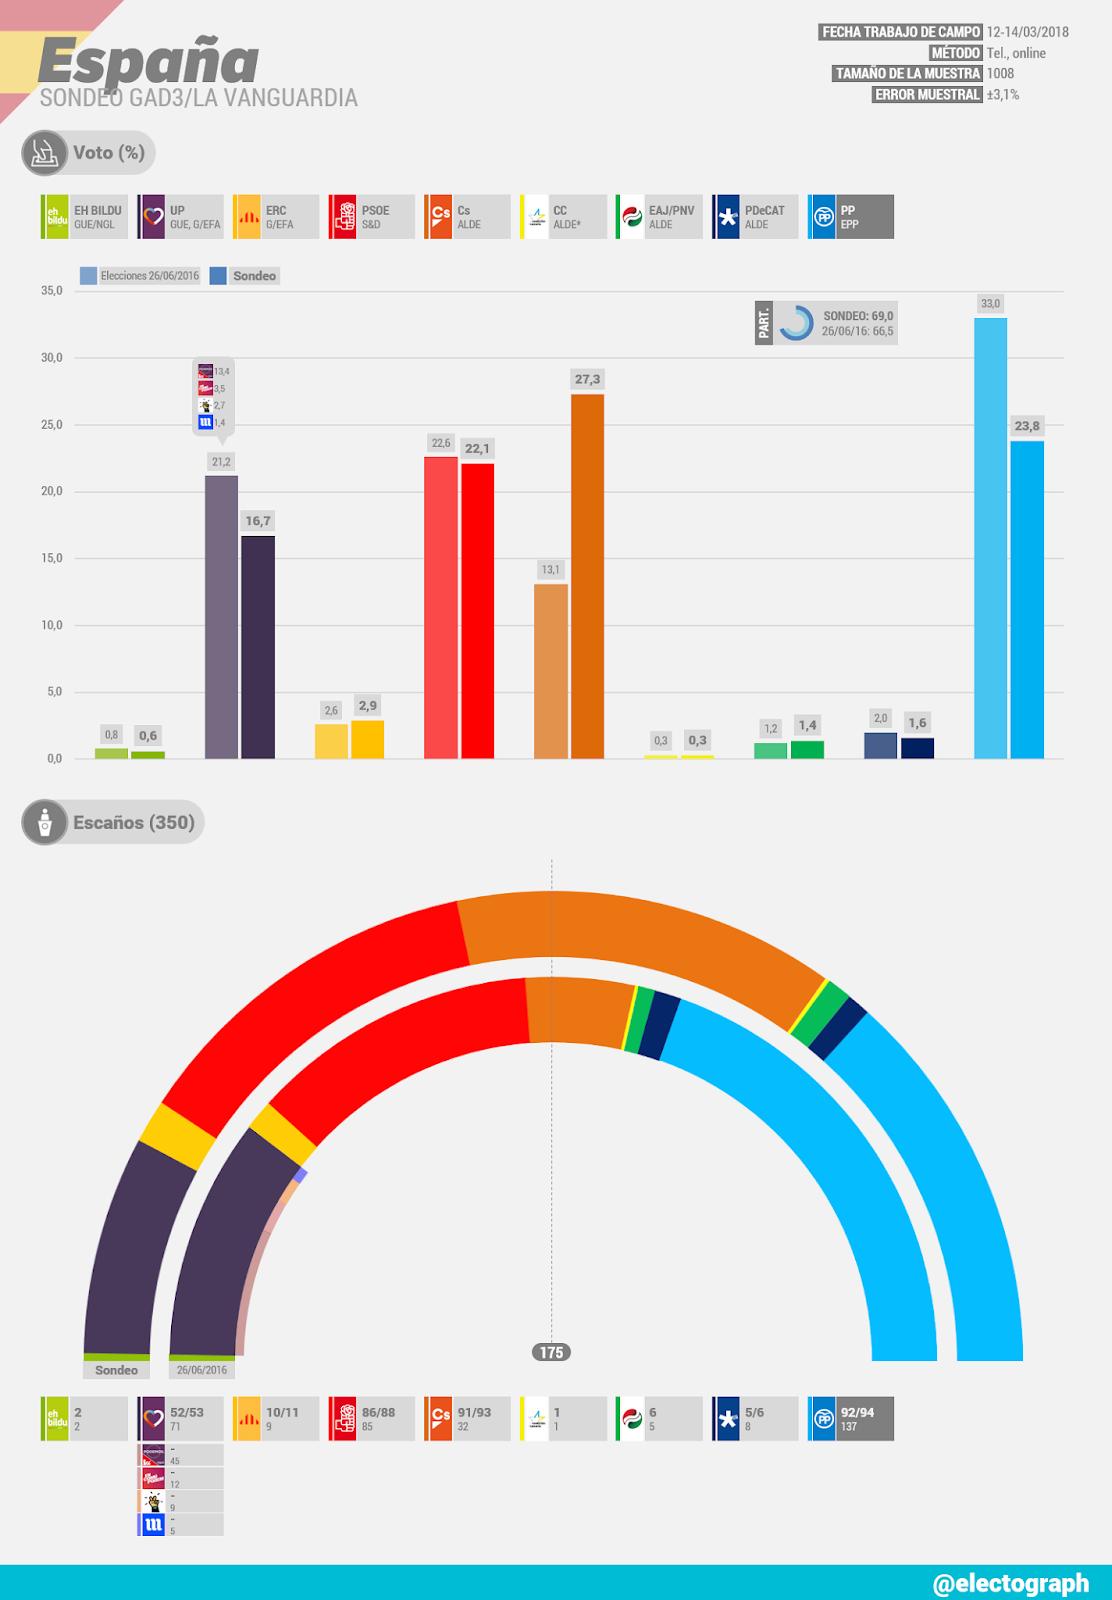 Gráfico de la encuesta para elecciones generales en España realizada por GAD3 para La Vanguardia en marzo de 2018